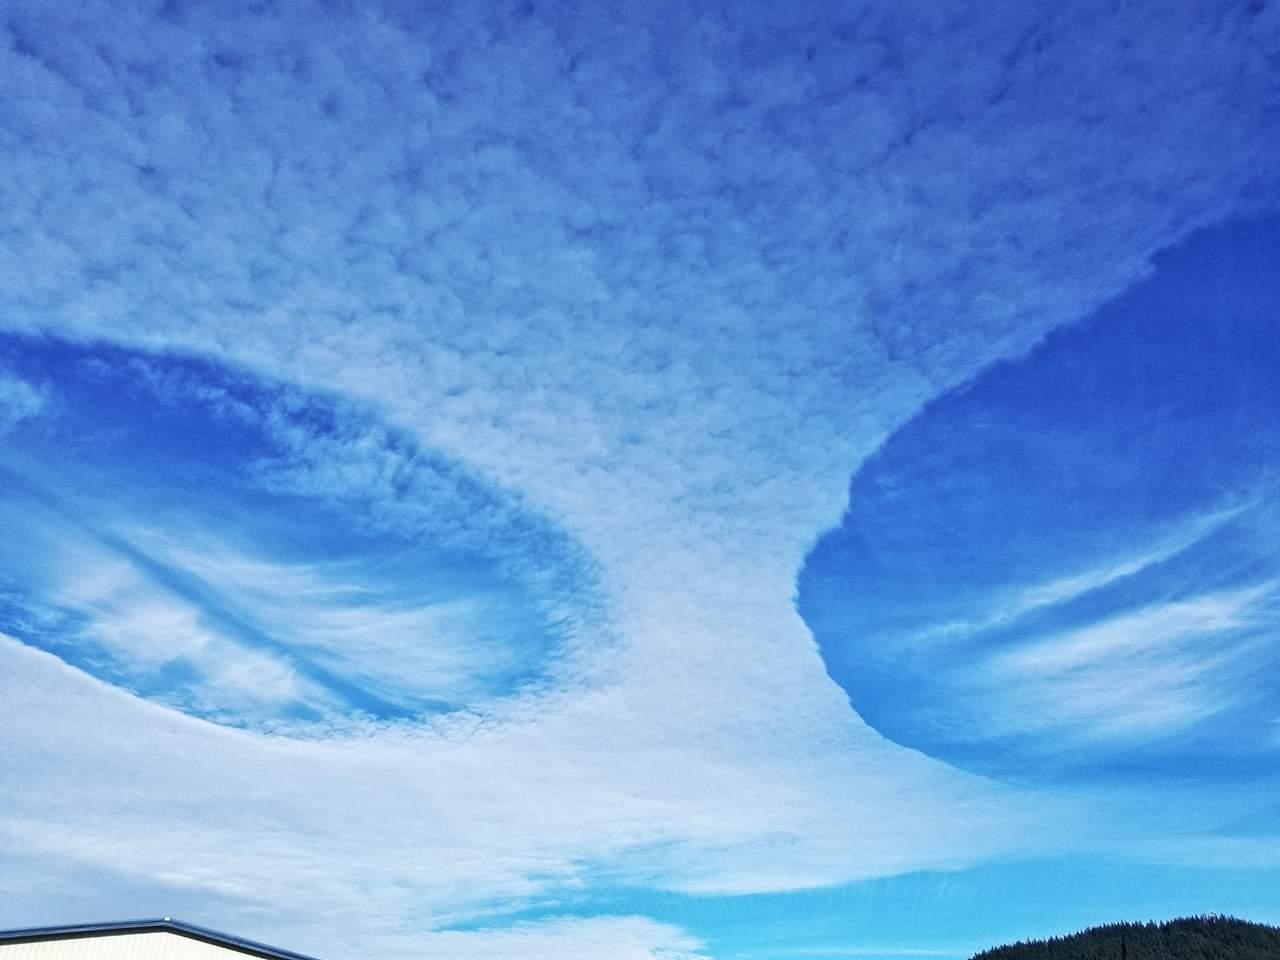 В штате Вашингтон НЛО проделали в облаках две большие дыры